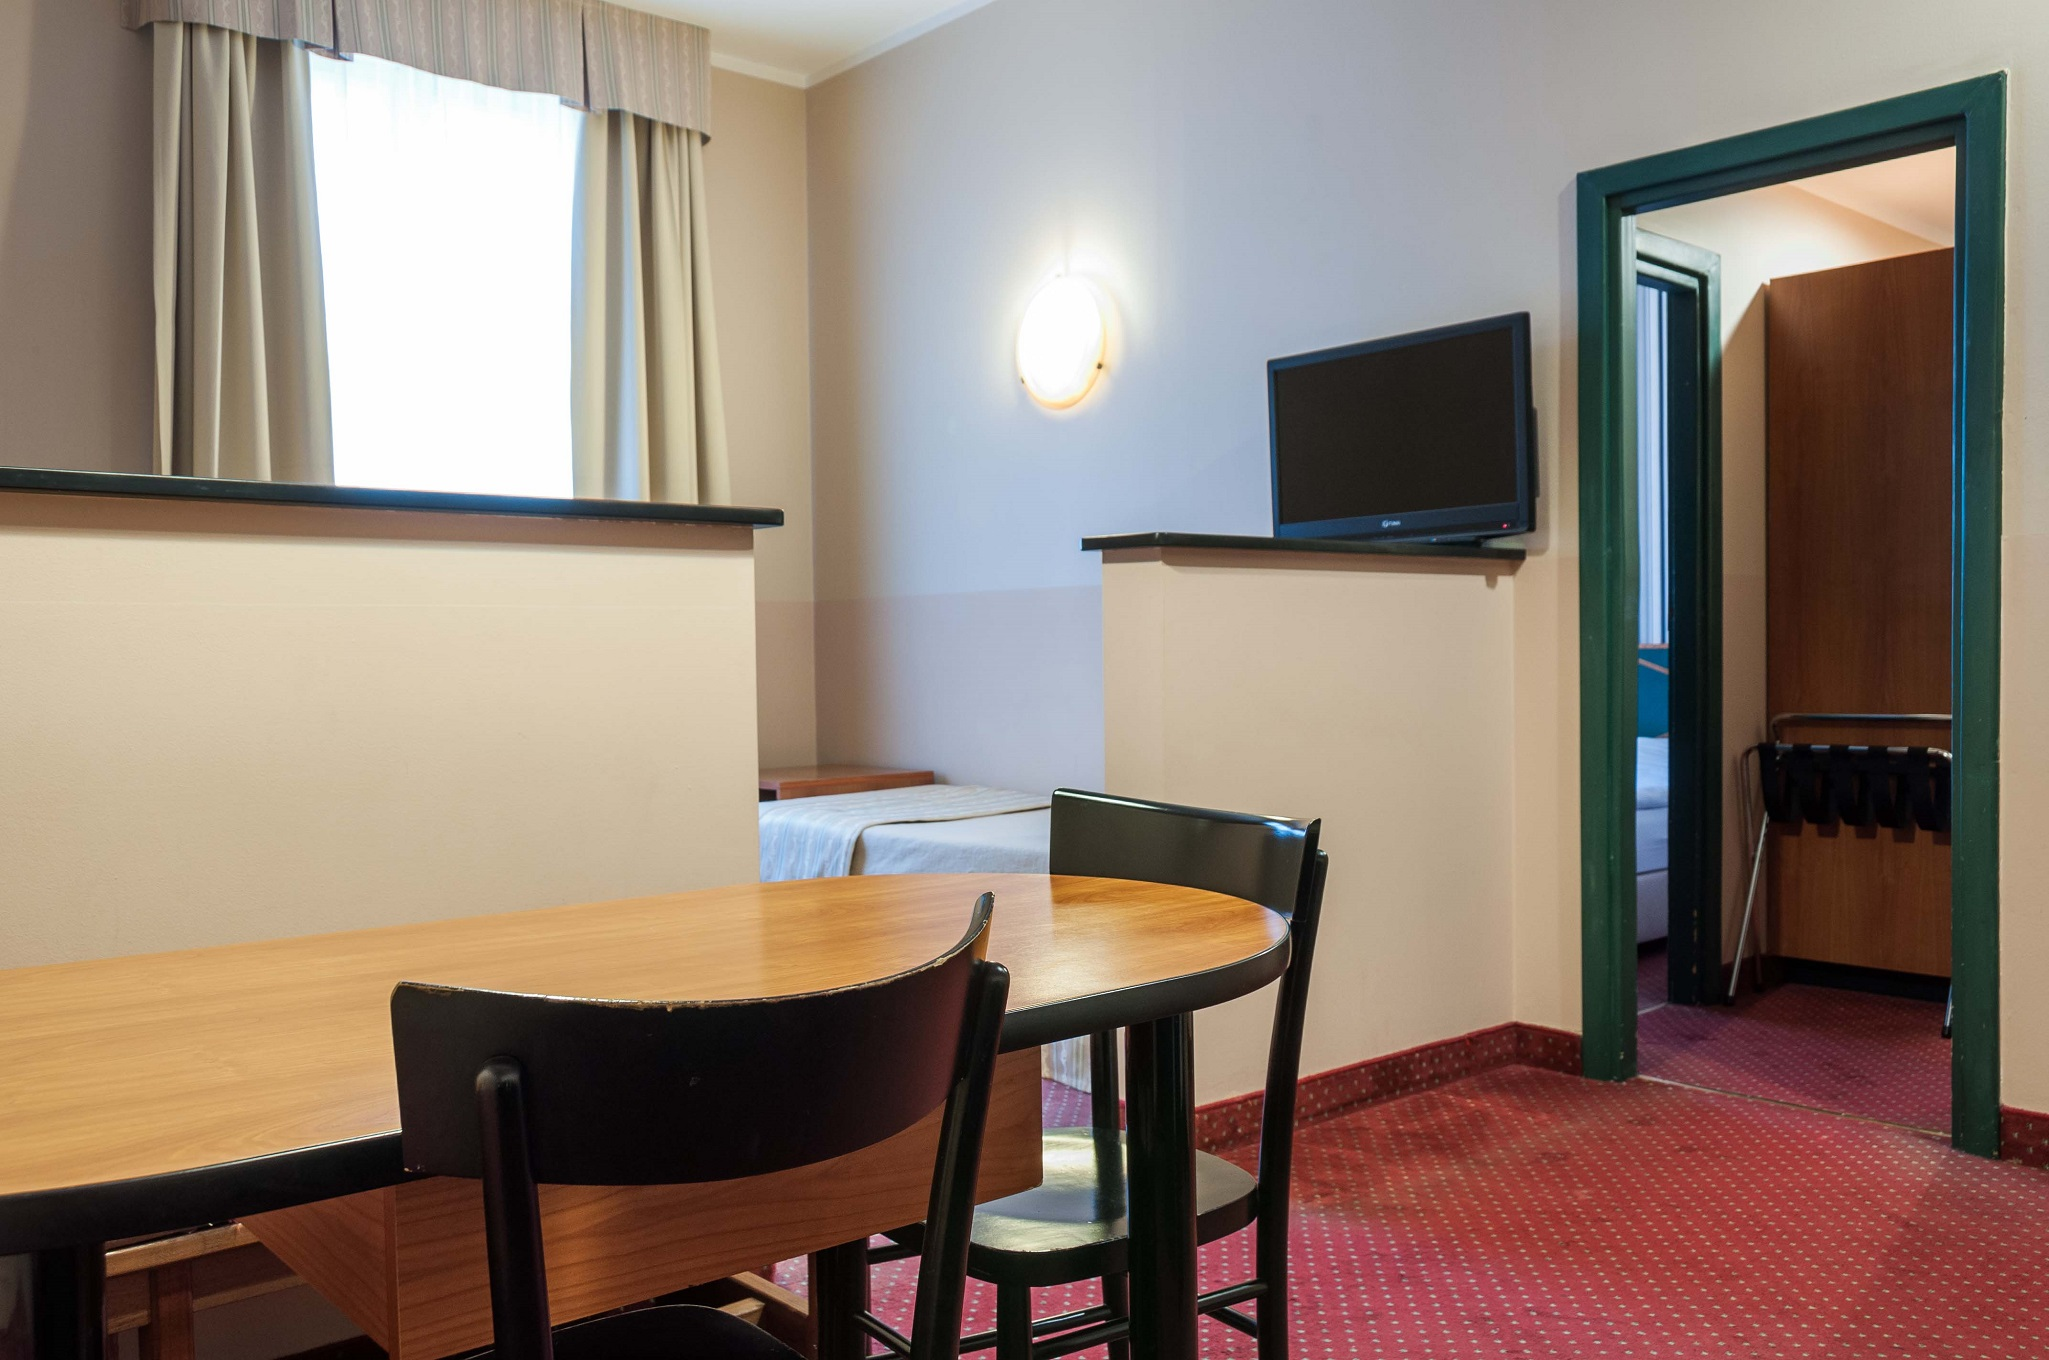 Rodinn pokoj praha mal strana obr zky hotelov ch pokoj for Hotel residence mala strana tripadvisor